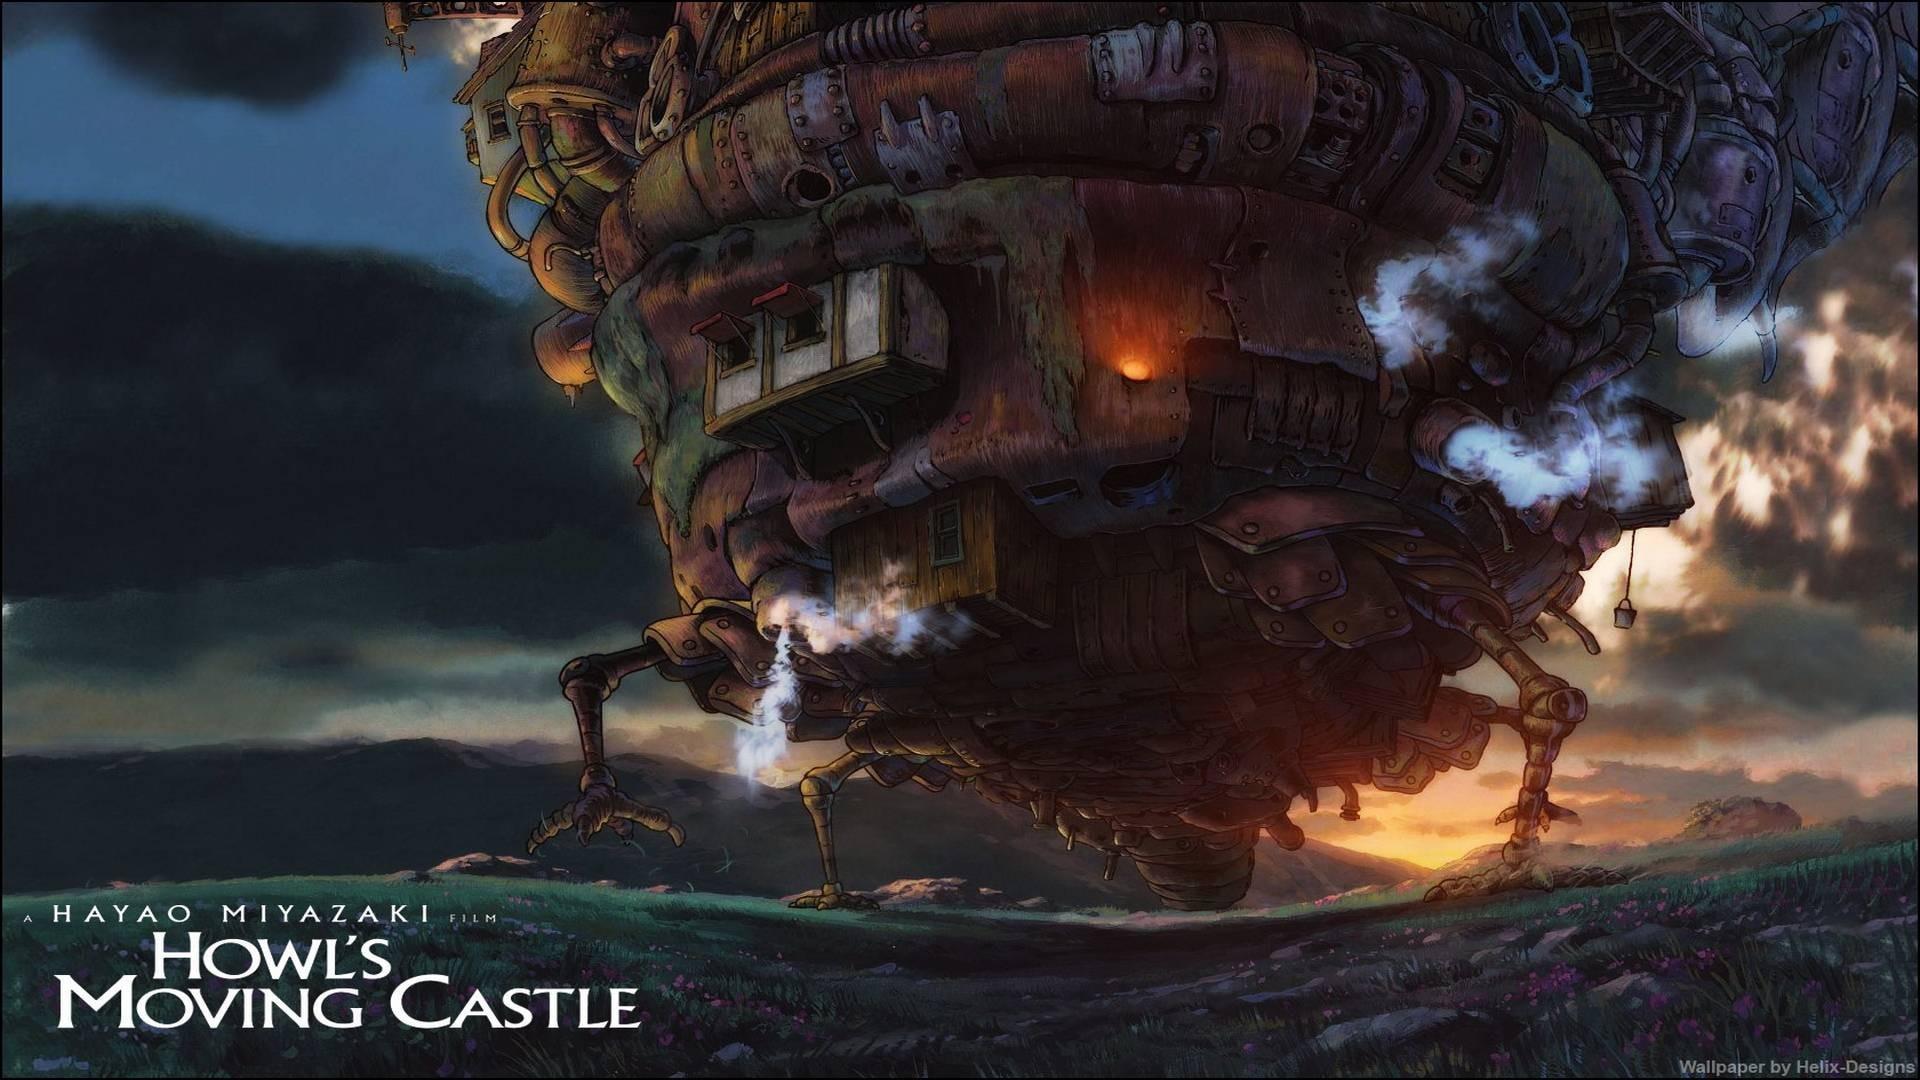 Wallpaper Anime Kendaraan Studio Ghibli Howl Moving Castle